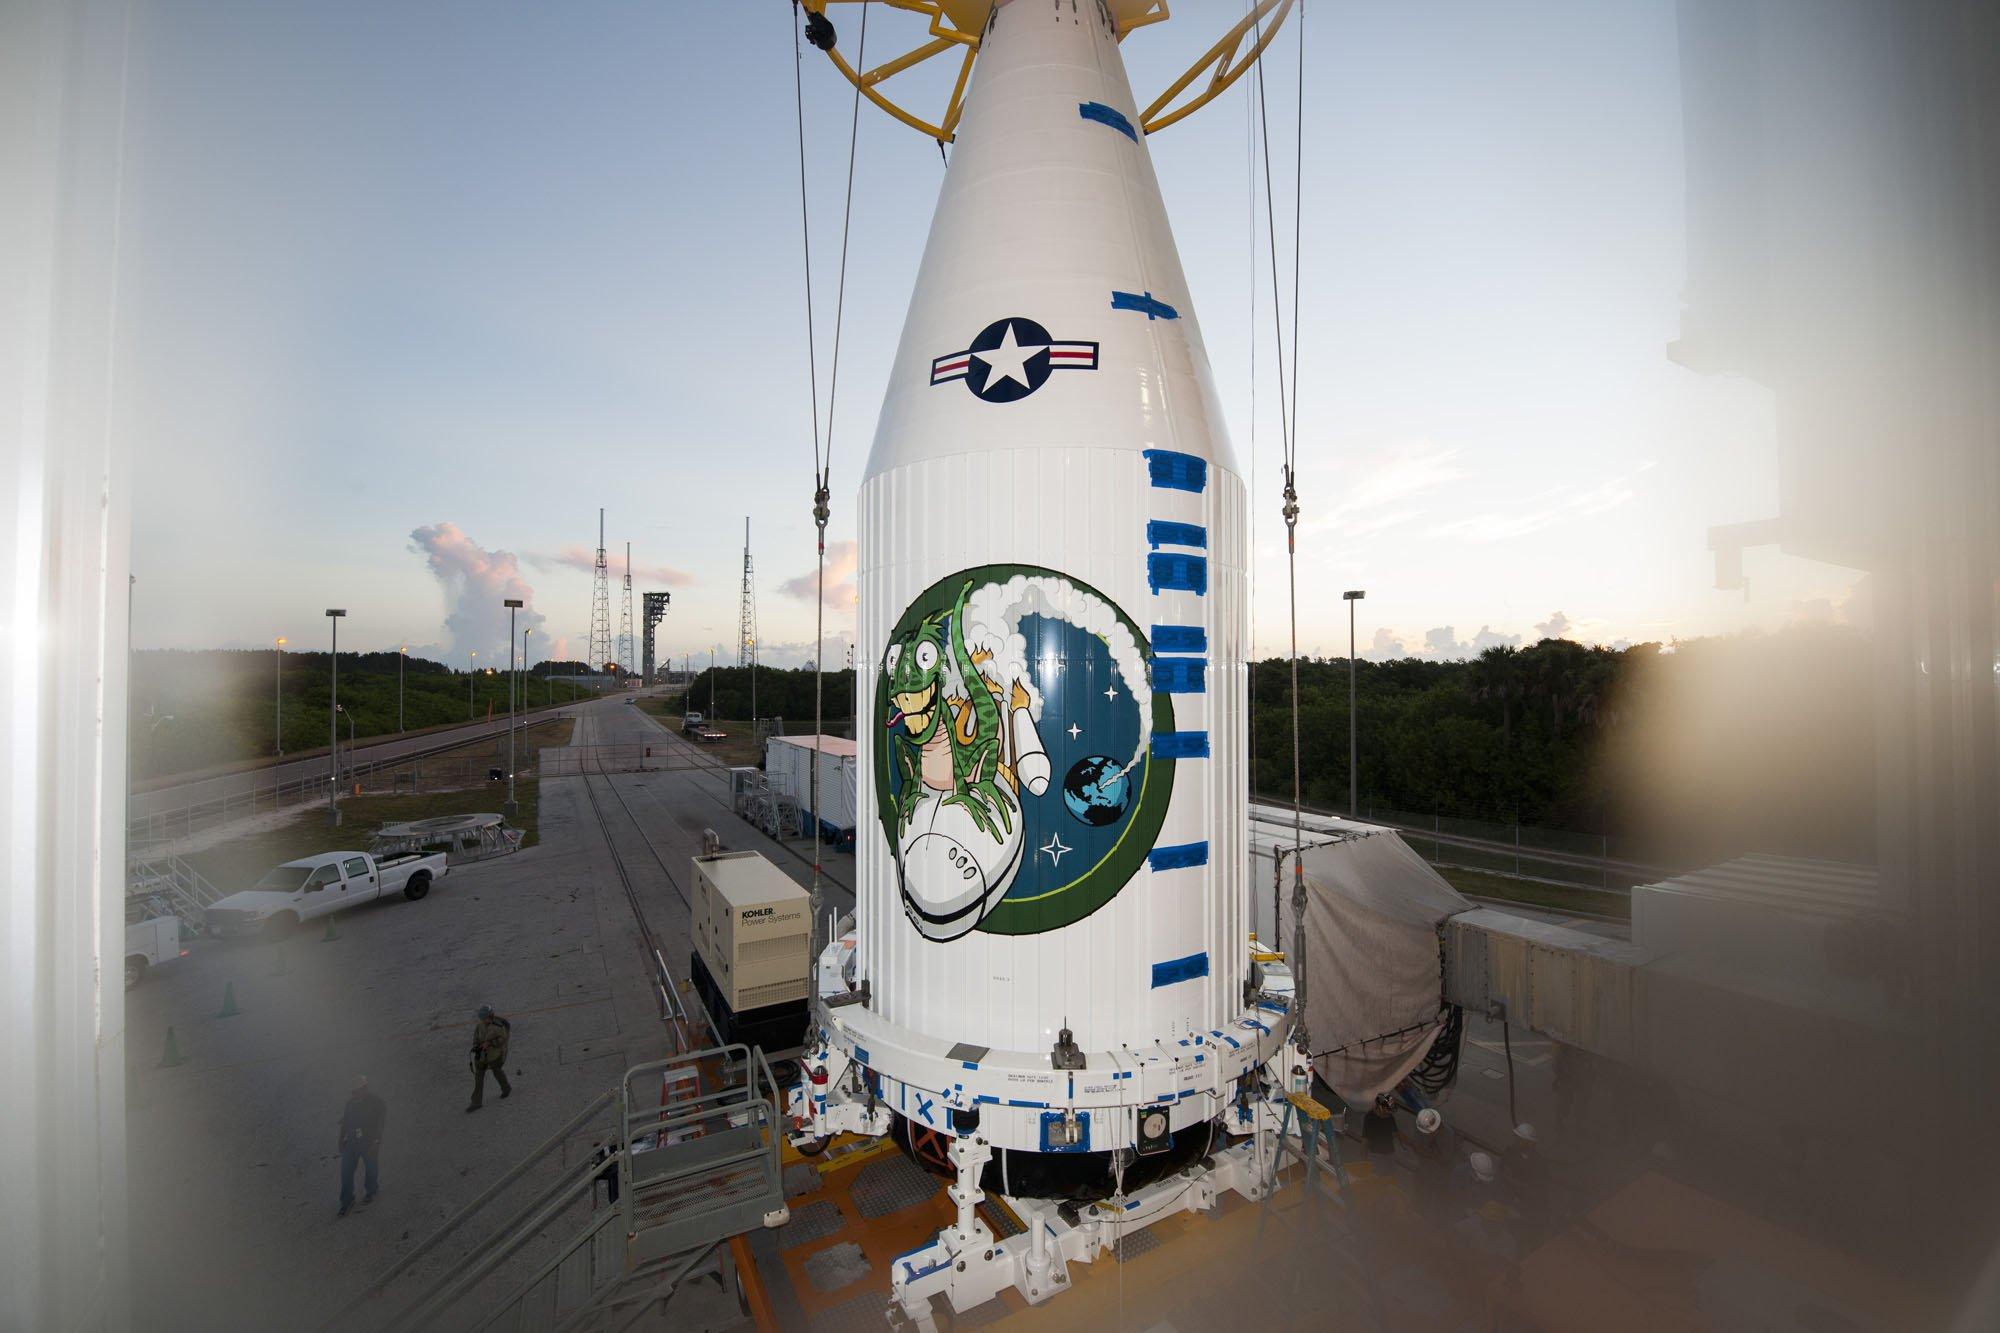 обтекатель ракеты Атлас 5 ( той самой с нашими РД-180)